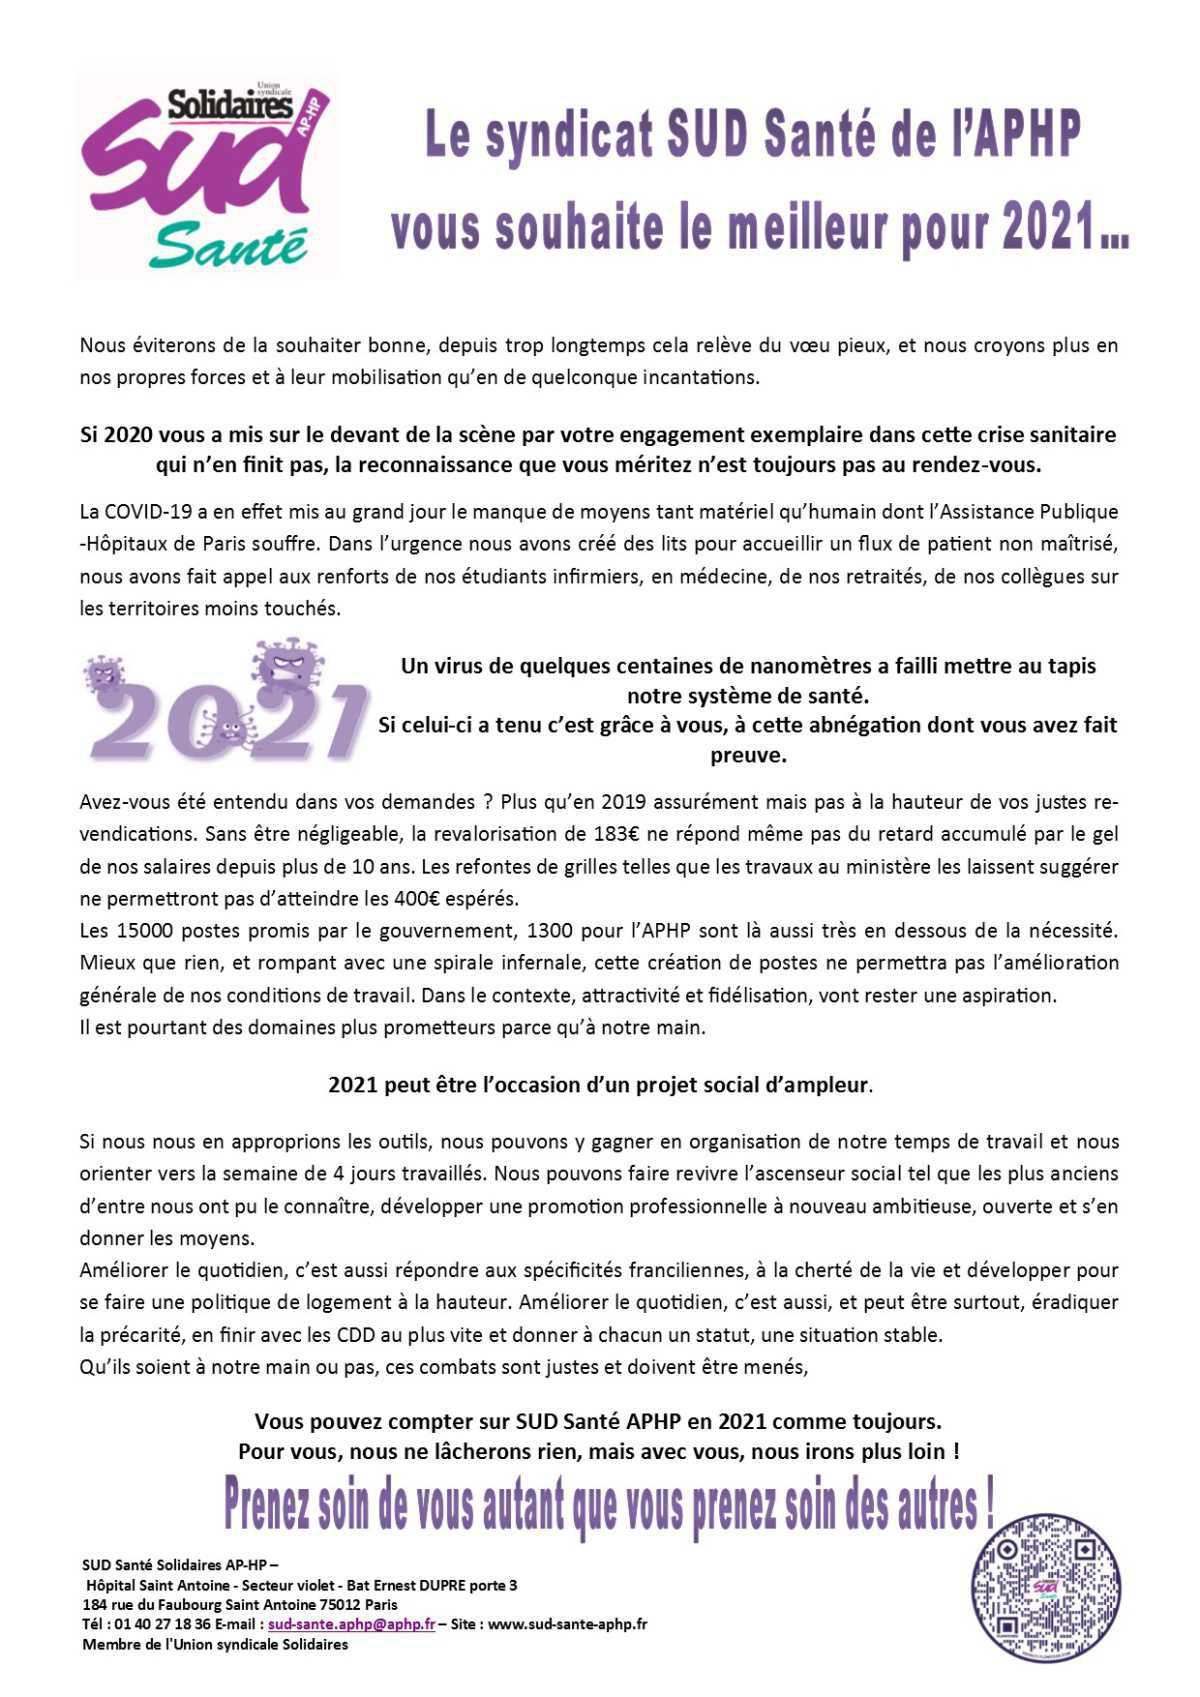 Le syndicat SUD Santé de l'APHP vous souhaite le meilleur pour 2021…